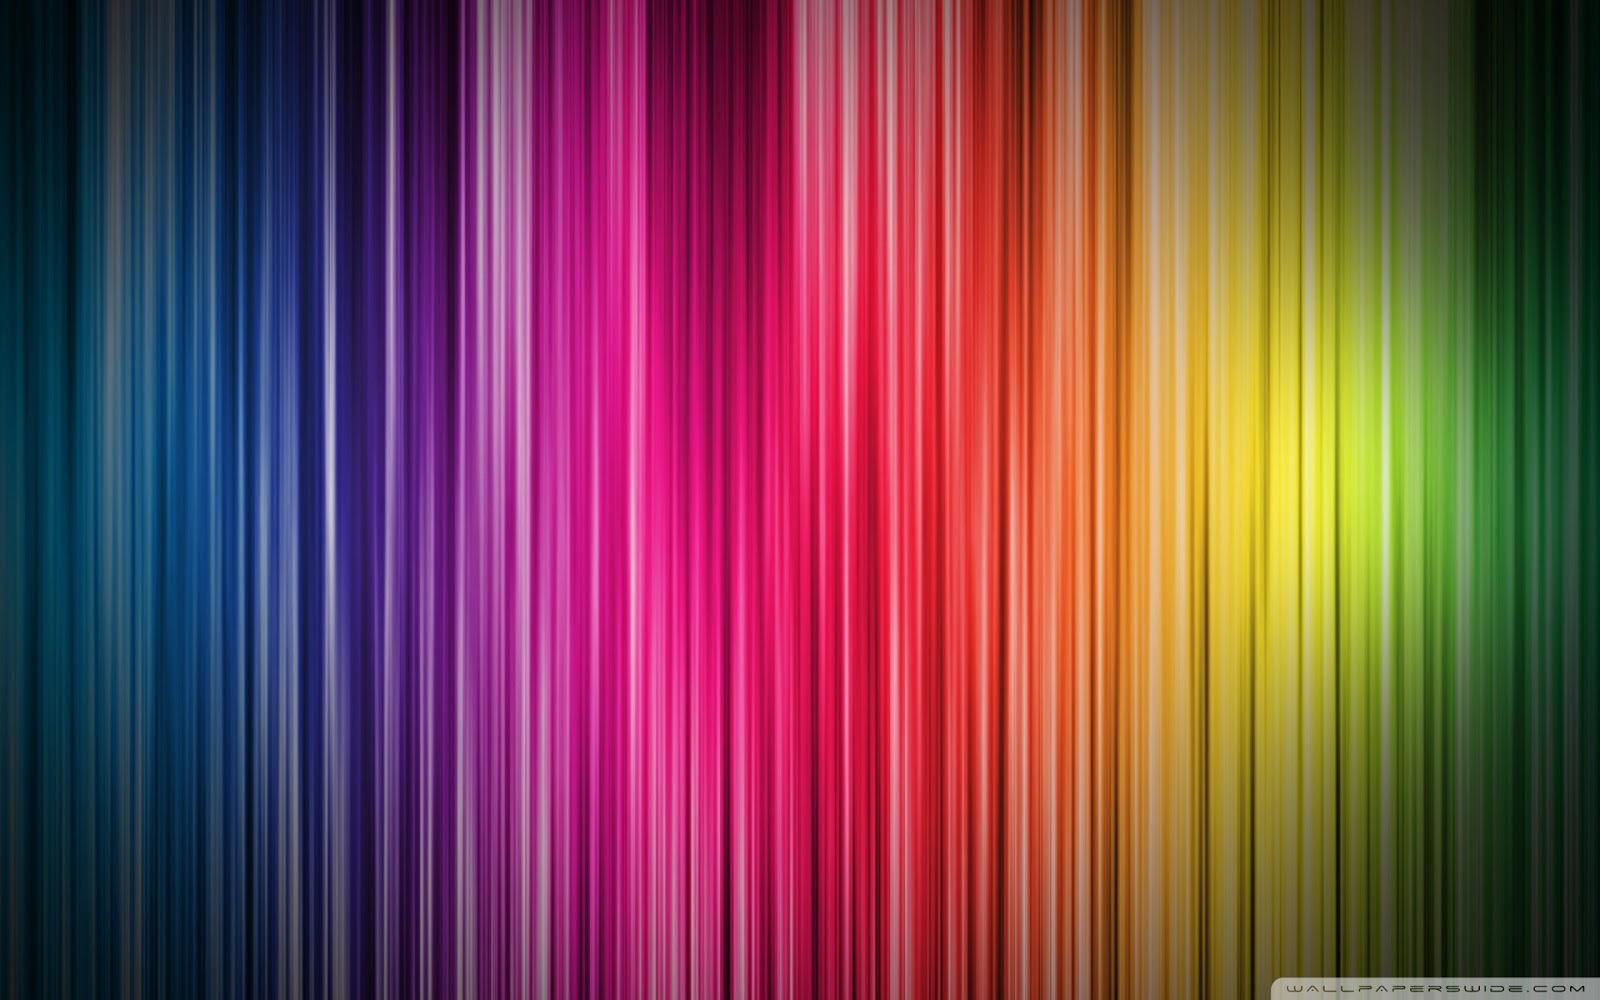 Tình cờ lướt google thì thấy những tấm ảnh 7 màu rất đẹp. Nên mình đã tổng hợp lại và chia sẽ cho các bạn cần.